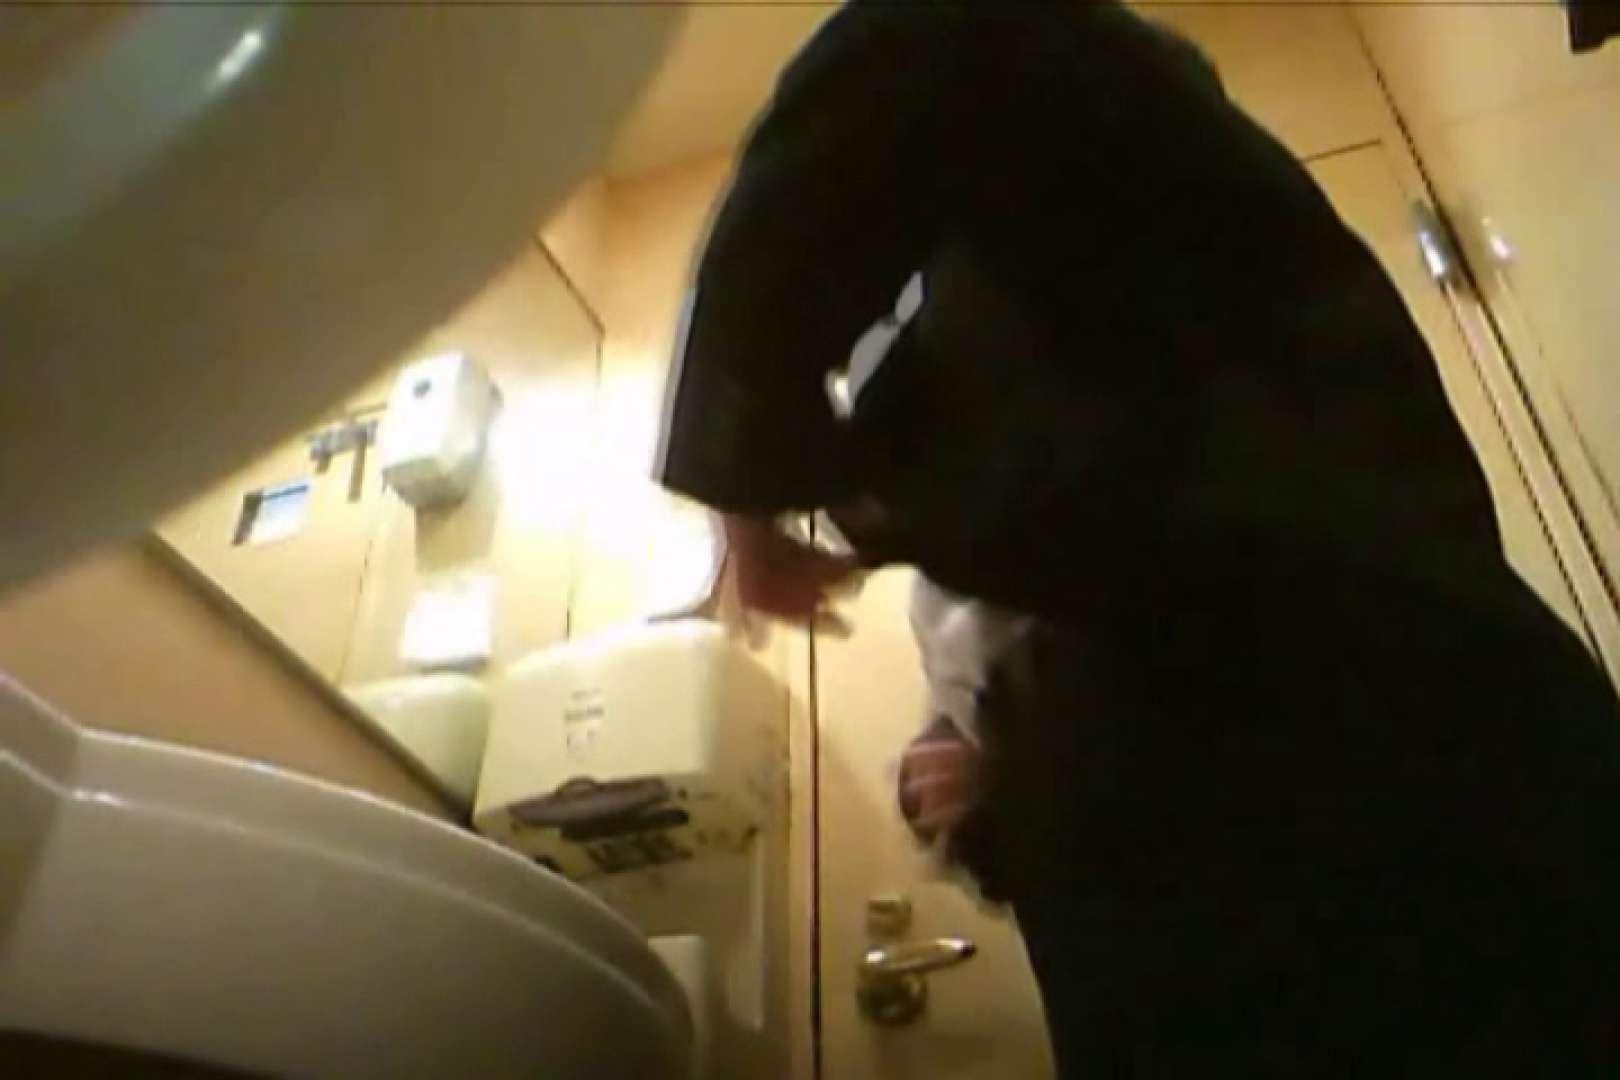 SEASON 2ND!掴み取りさんの洗面所覗き!in新幹線!VOL.21 ボーイズ私服 | 完全無修正でお届け  110pic 13